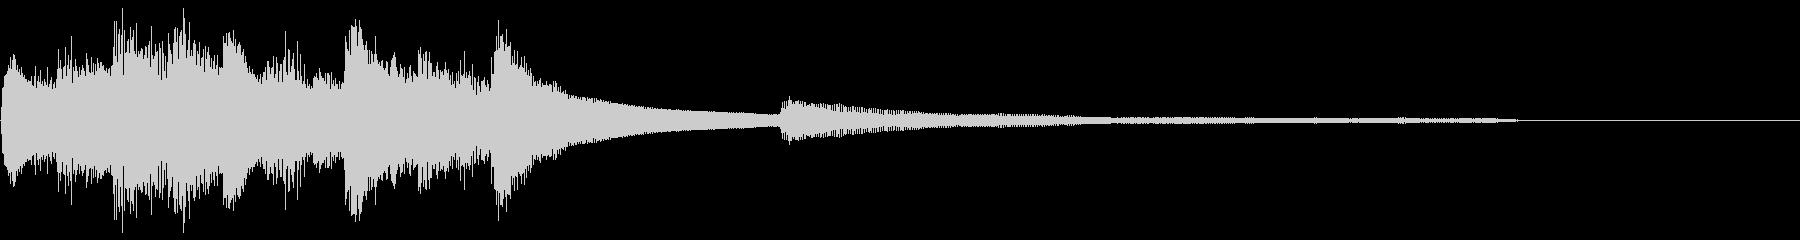 ピアノソロ:神秘的な和風ジングルの未再生の波形